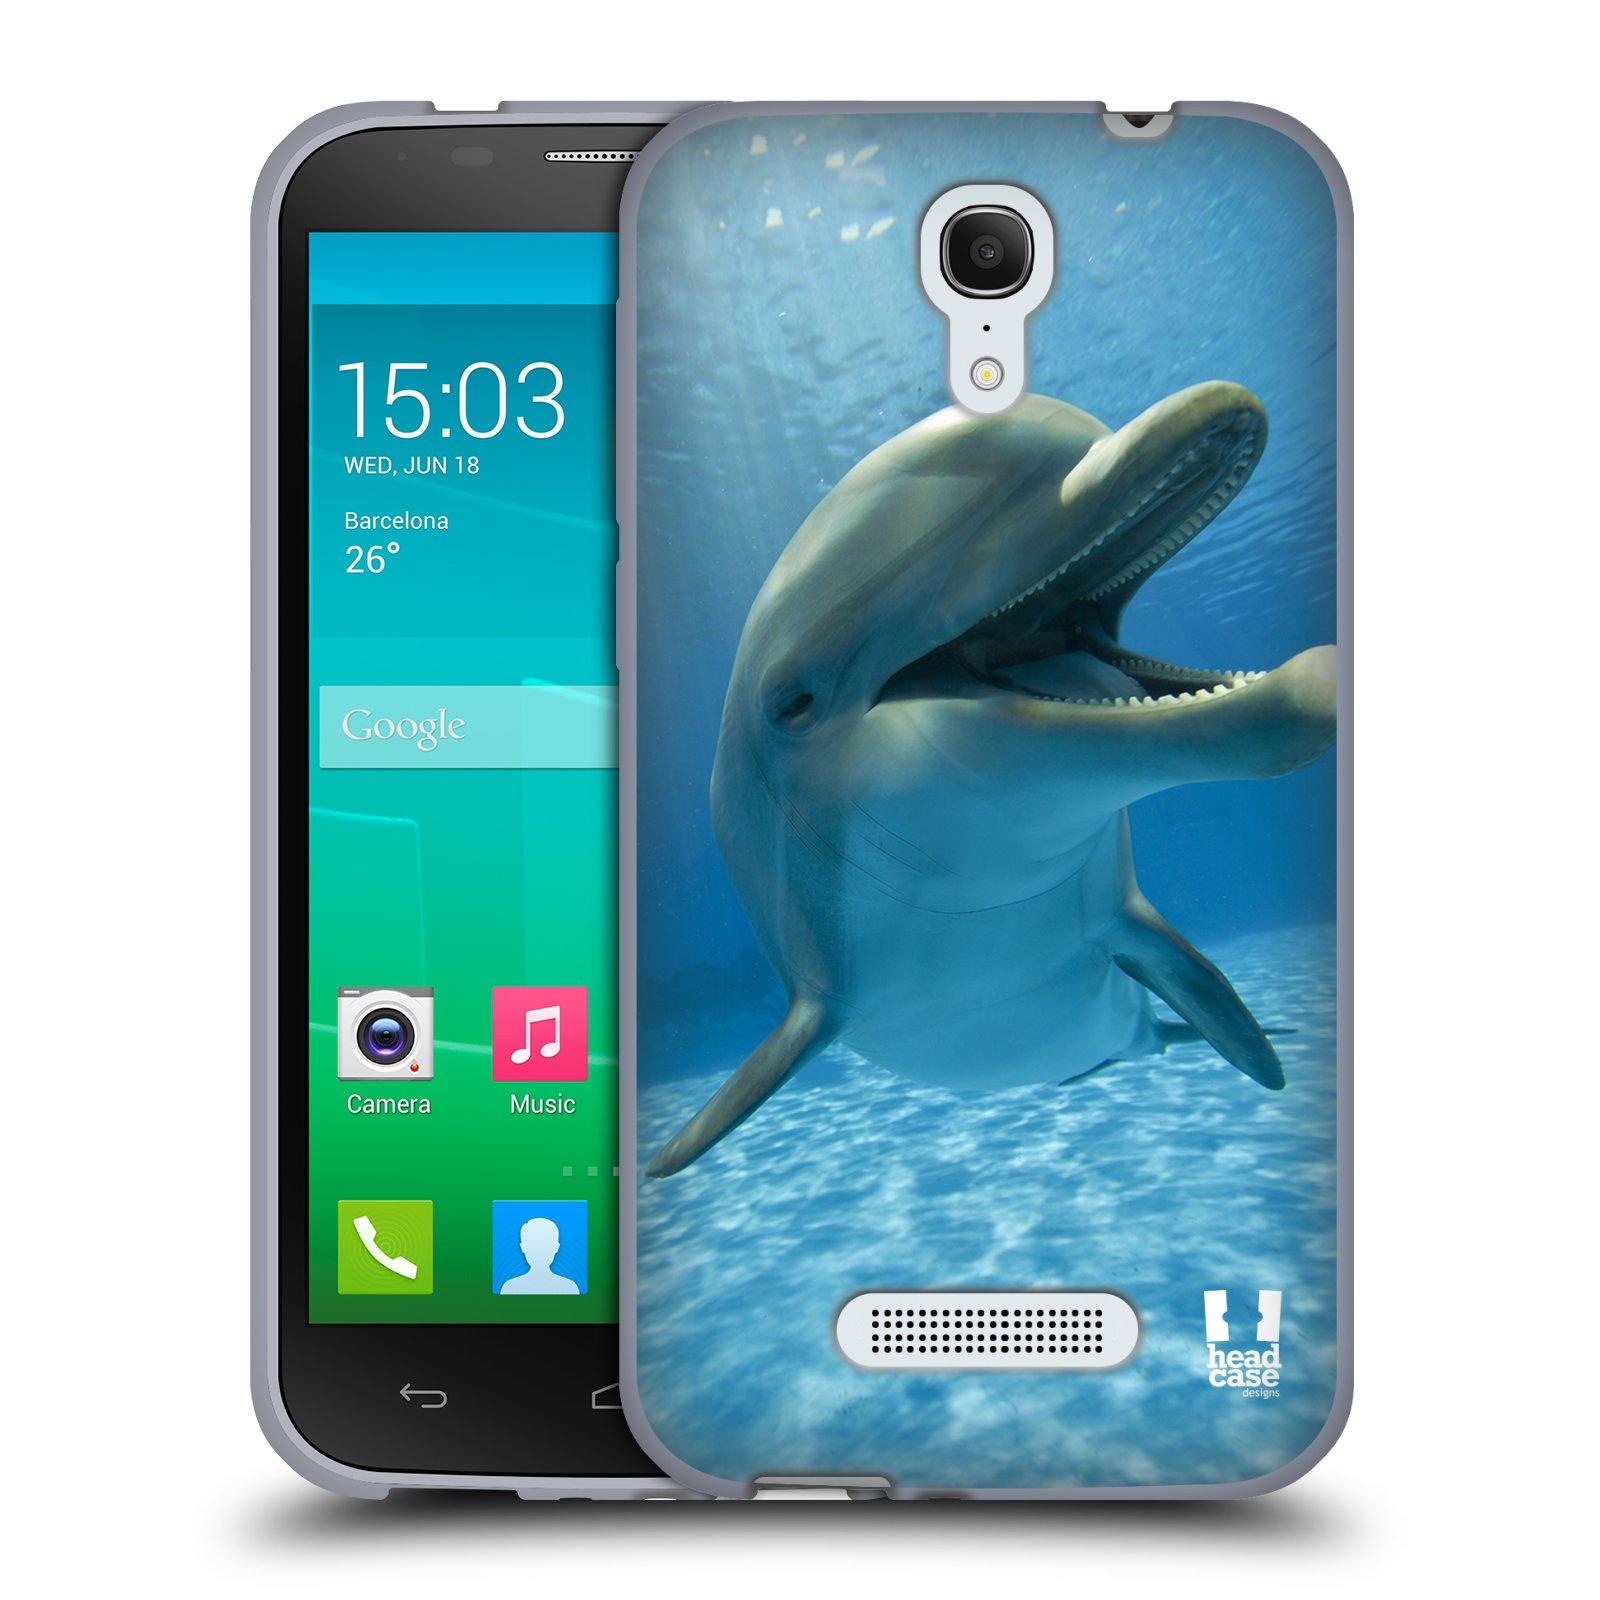 HEAD CASE silikonový obal na mobil Alcatel POP S7 vzor Divočina, Divoký život a zvířata foto MODRÁ DELFÍN